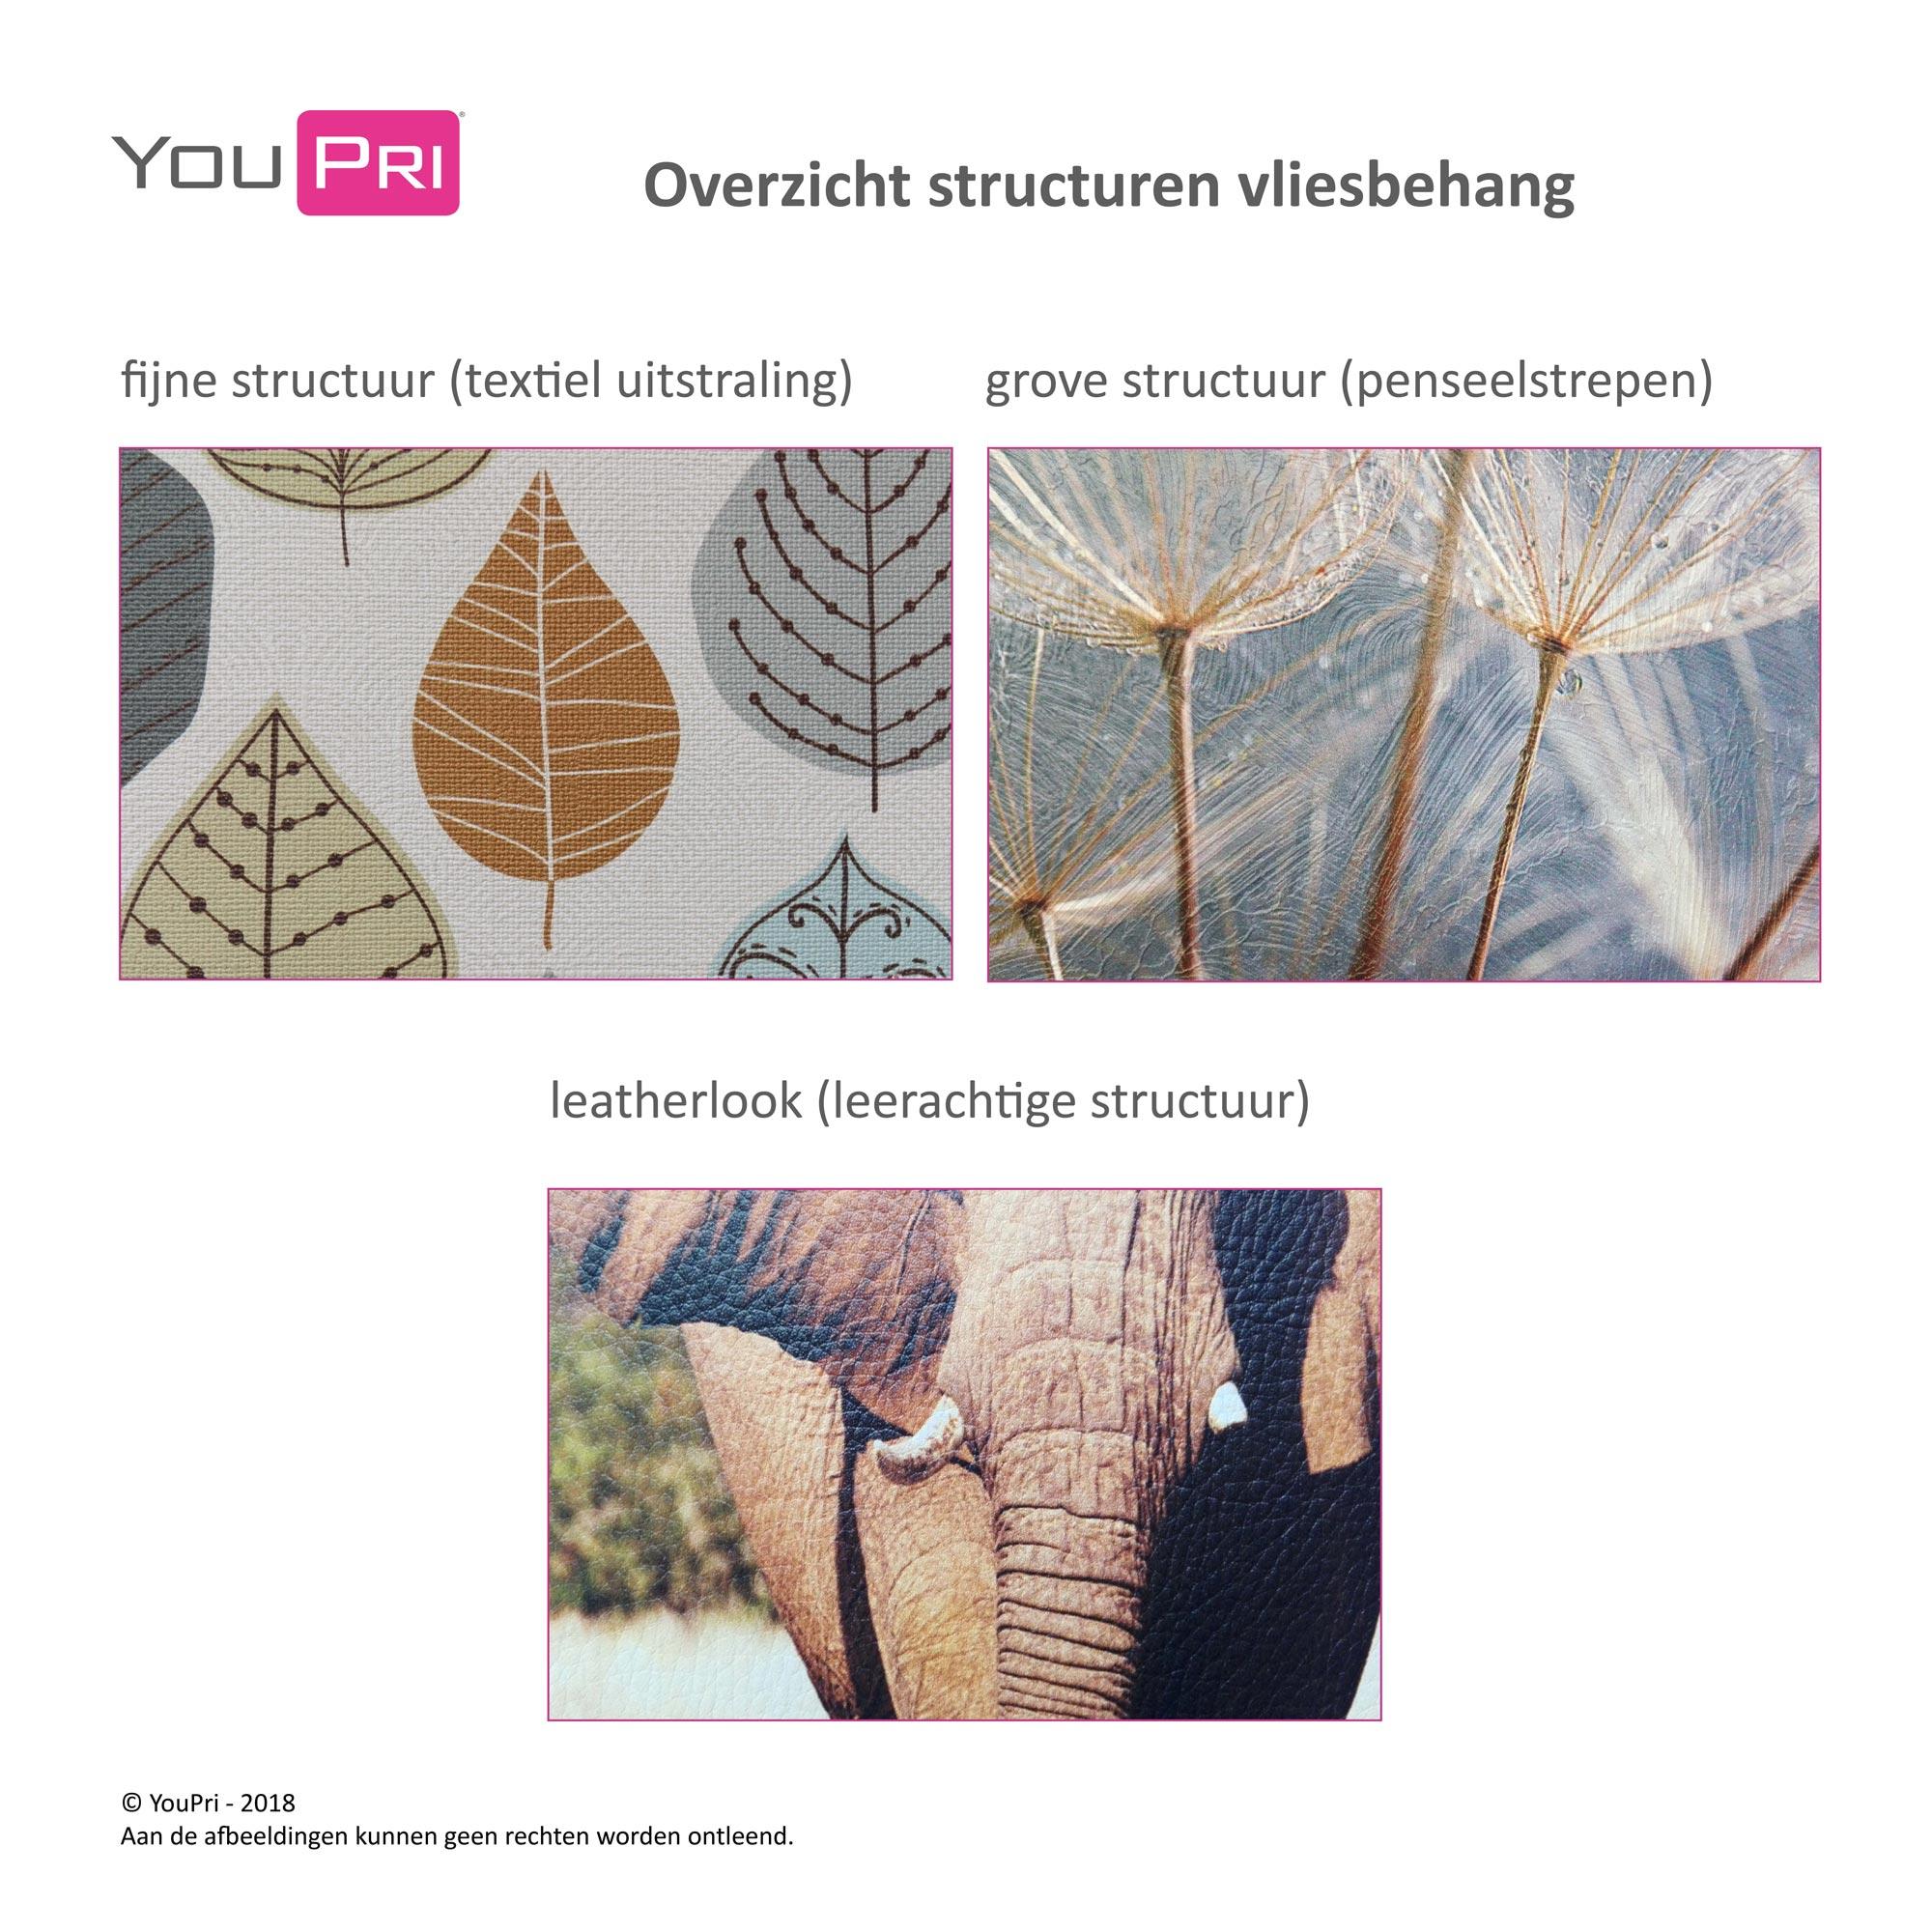 overzicht structuren vliesbehang